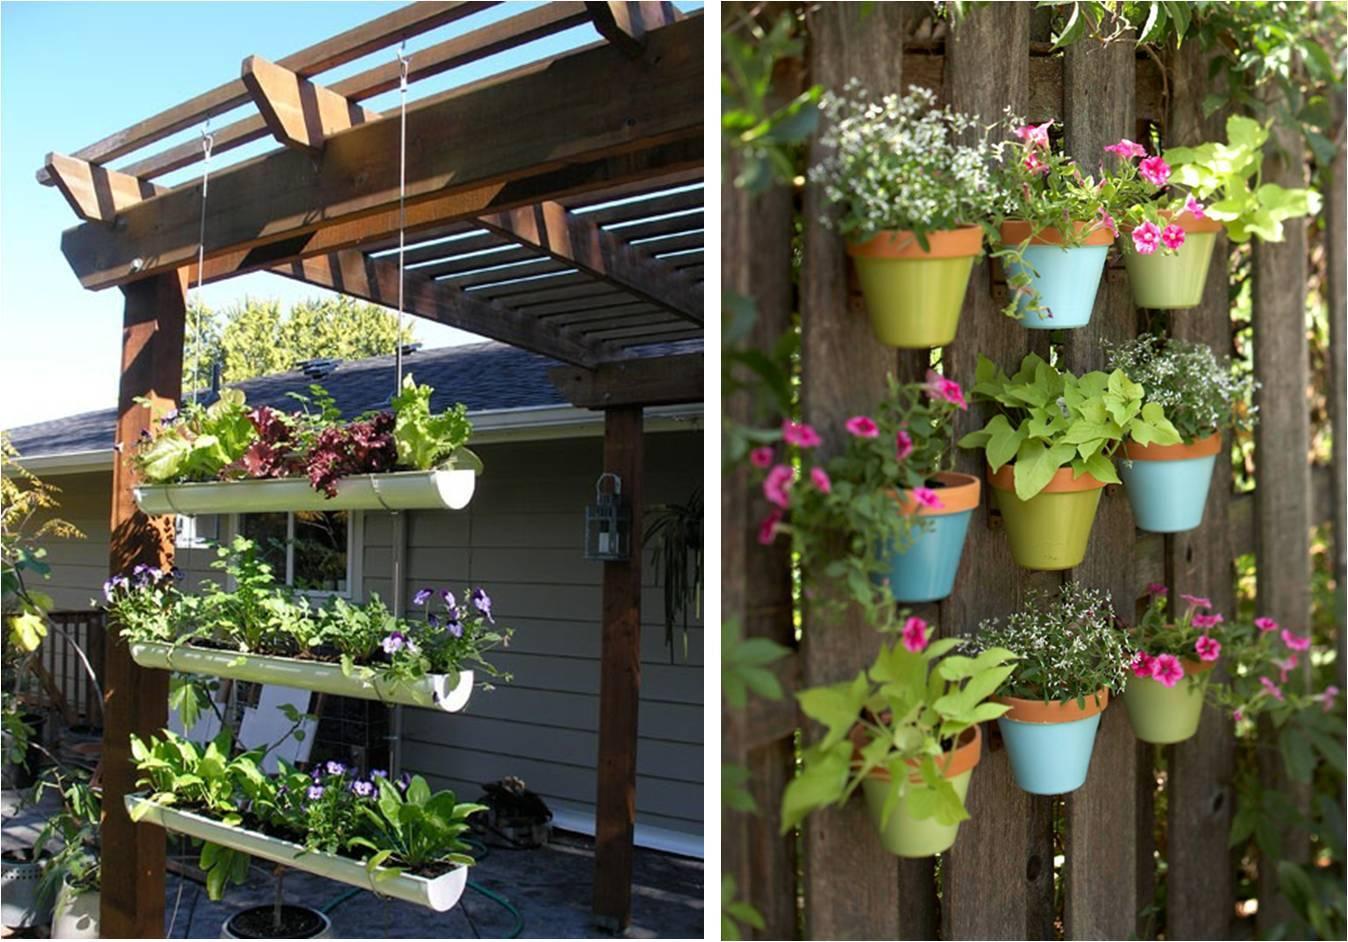 jardins verticais requer cuidado extra Certifiquese que o seu